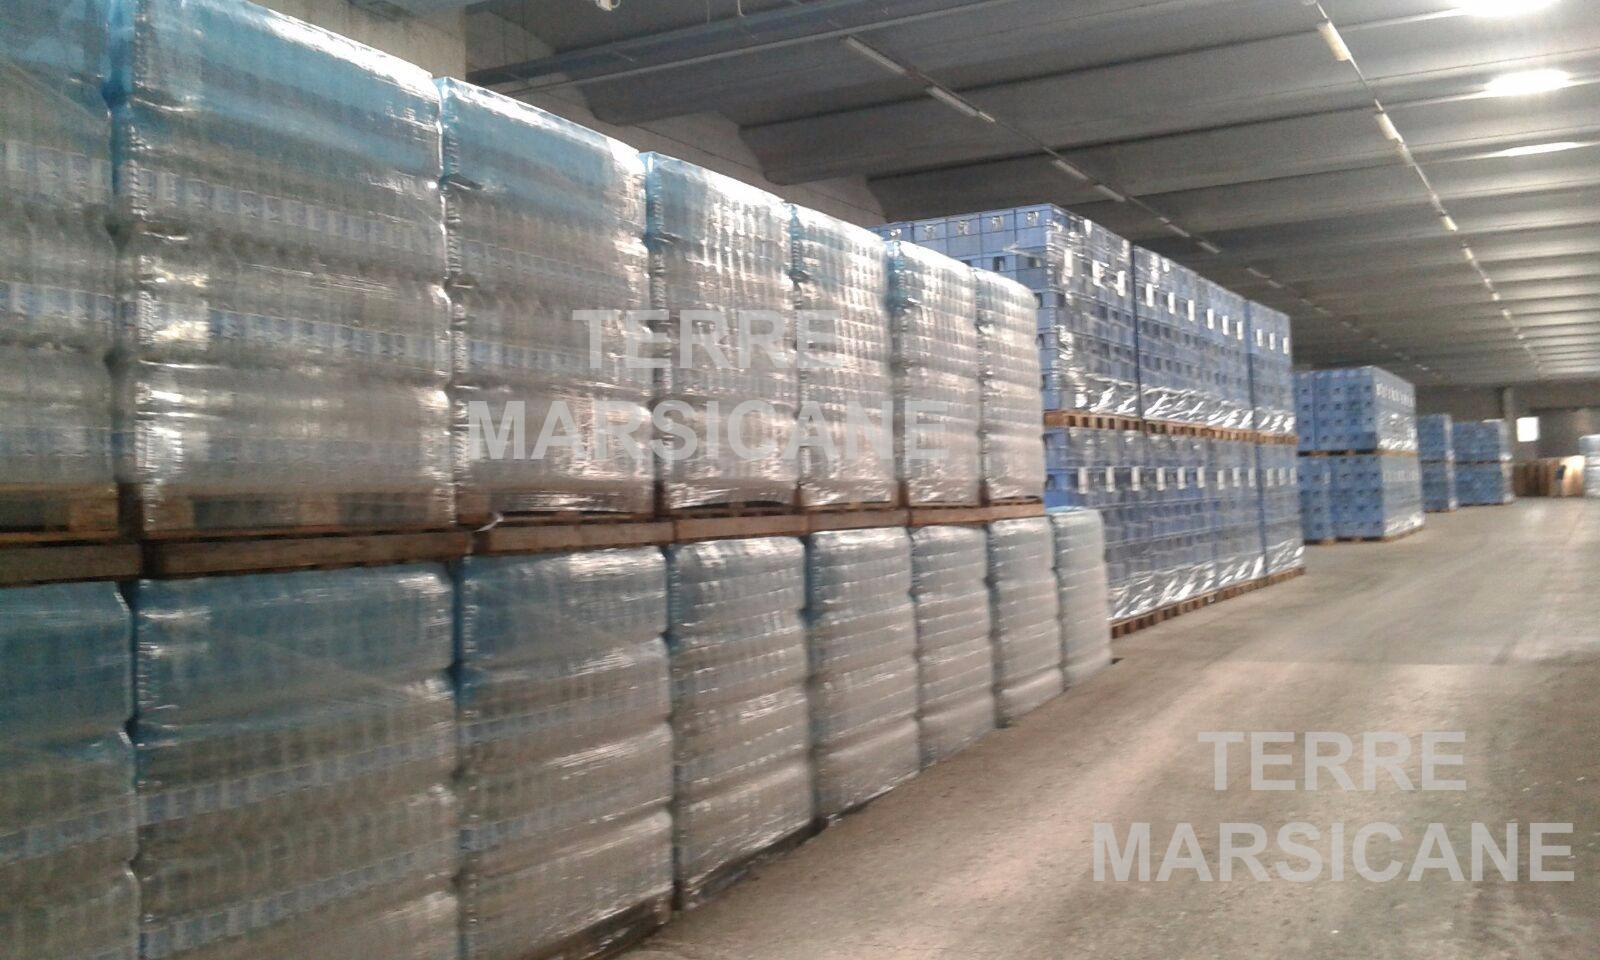 Santa Croce, le bottiglie sono 6 milioni. Termina oggi il sequestro di oltre 4milioni di euro